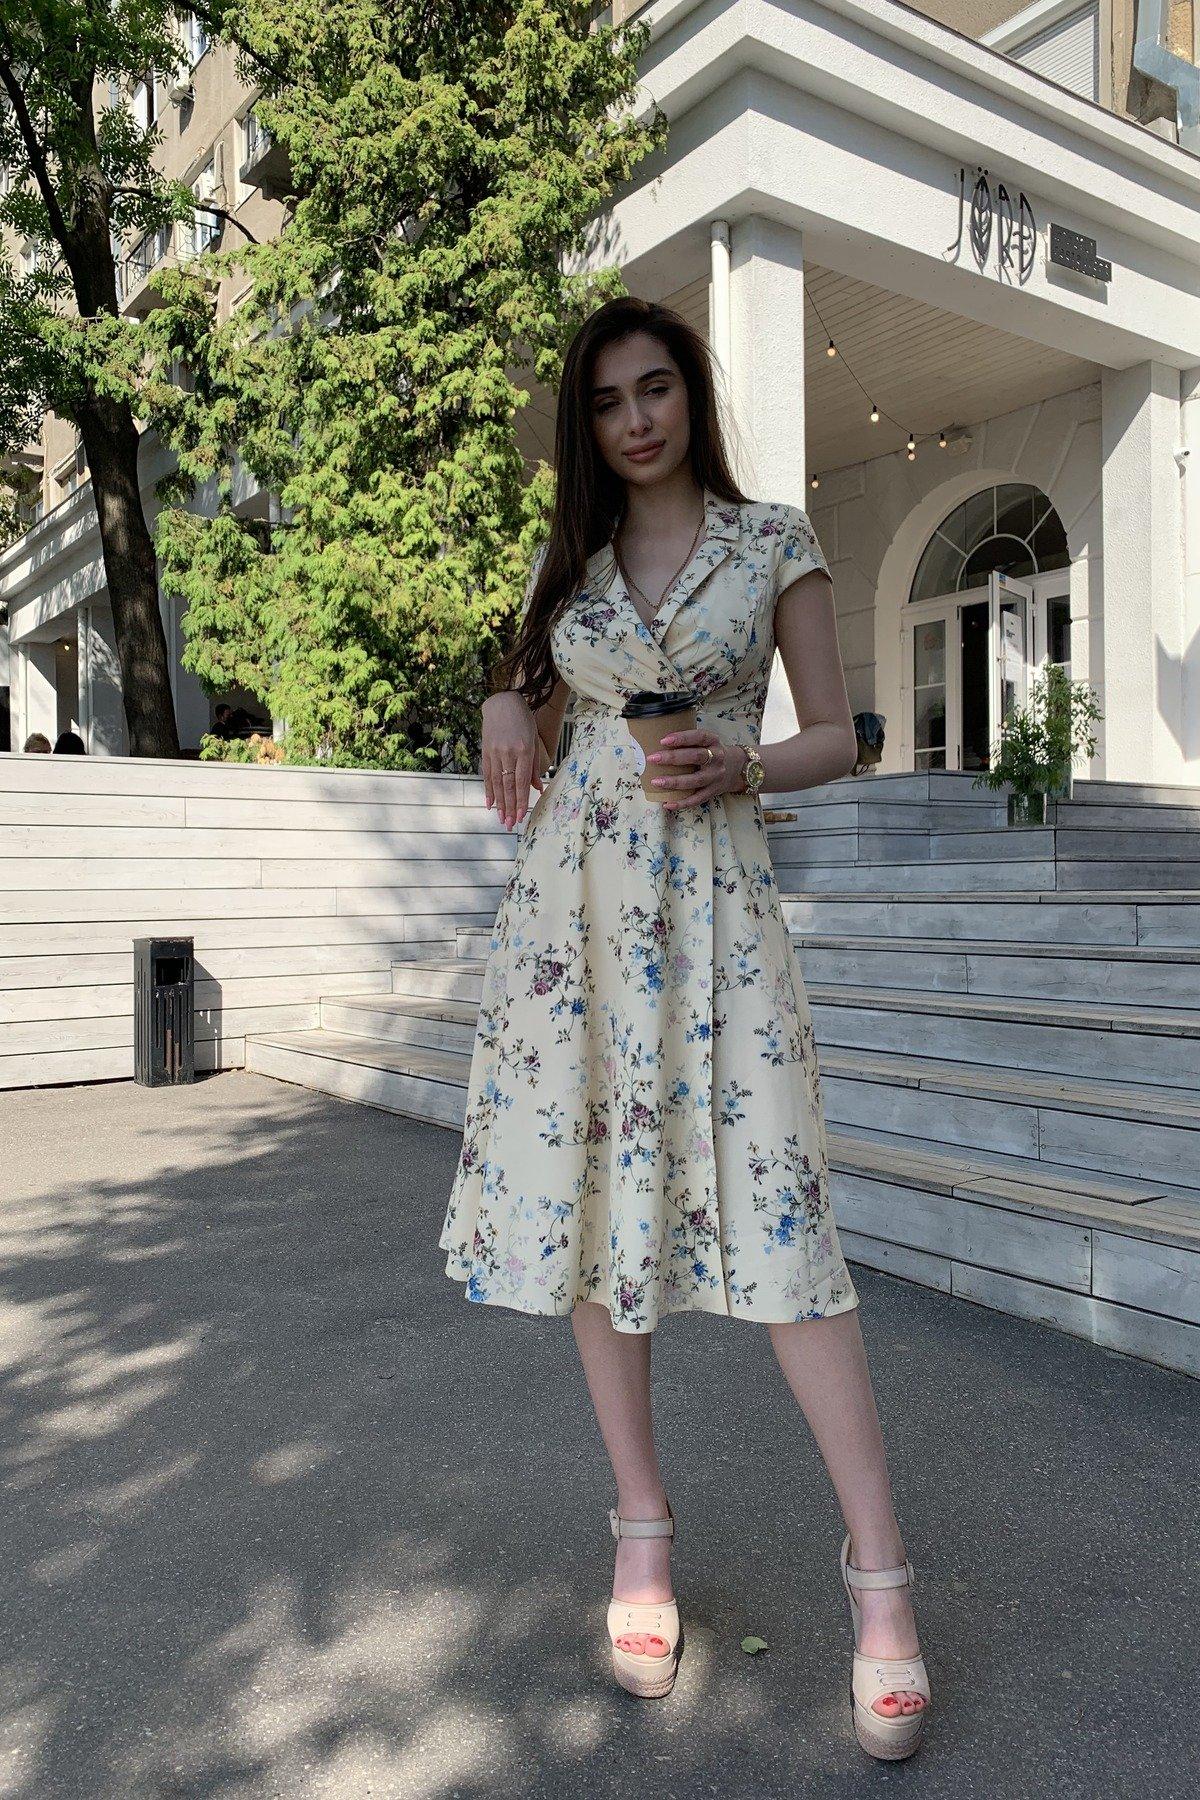 Платье Малья 9088 АРТ. 45704 Цвет: Цветы комби св.беж/голуб - фото 4, интернет магазин tm-modus.ru